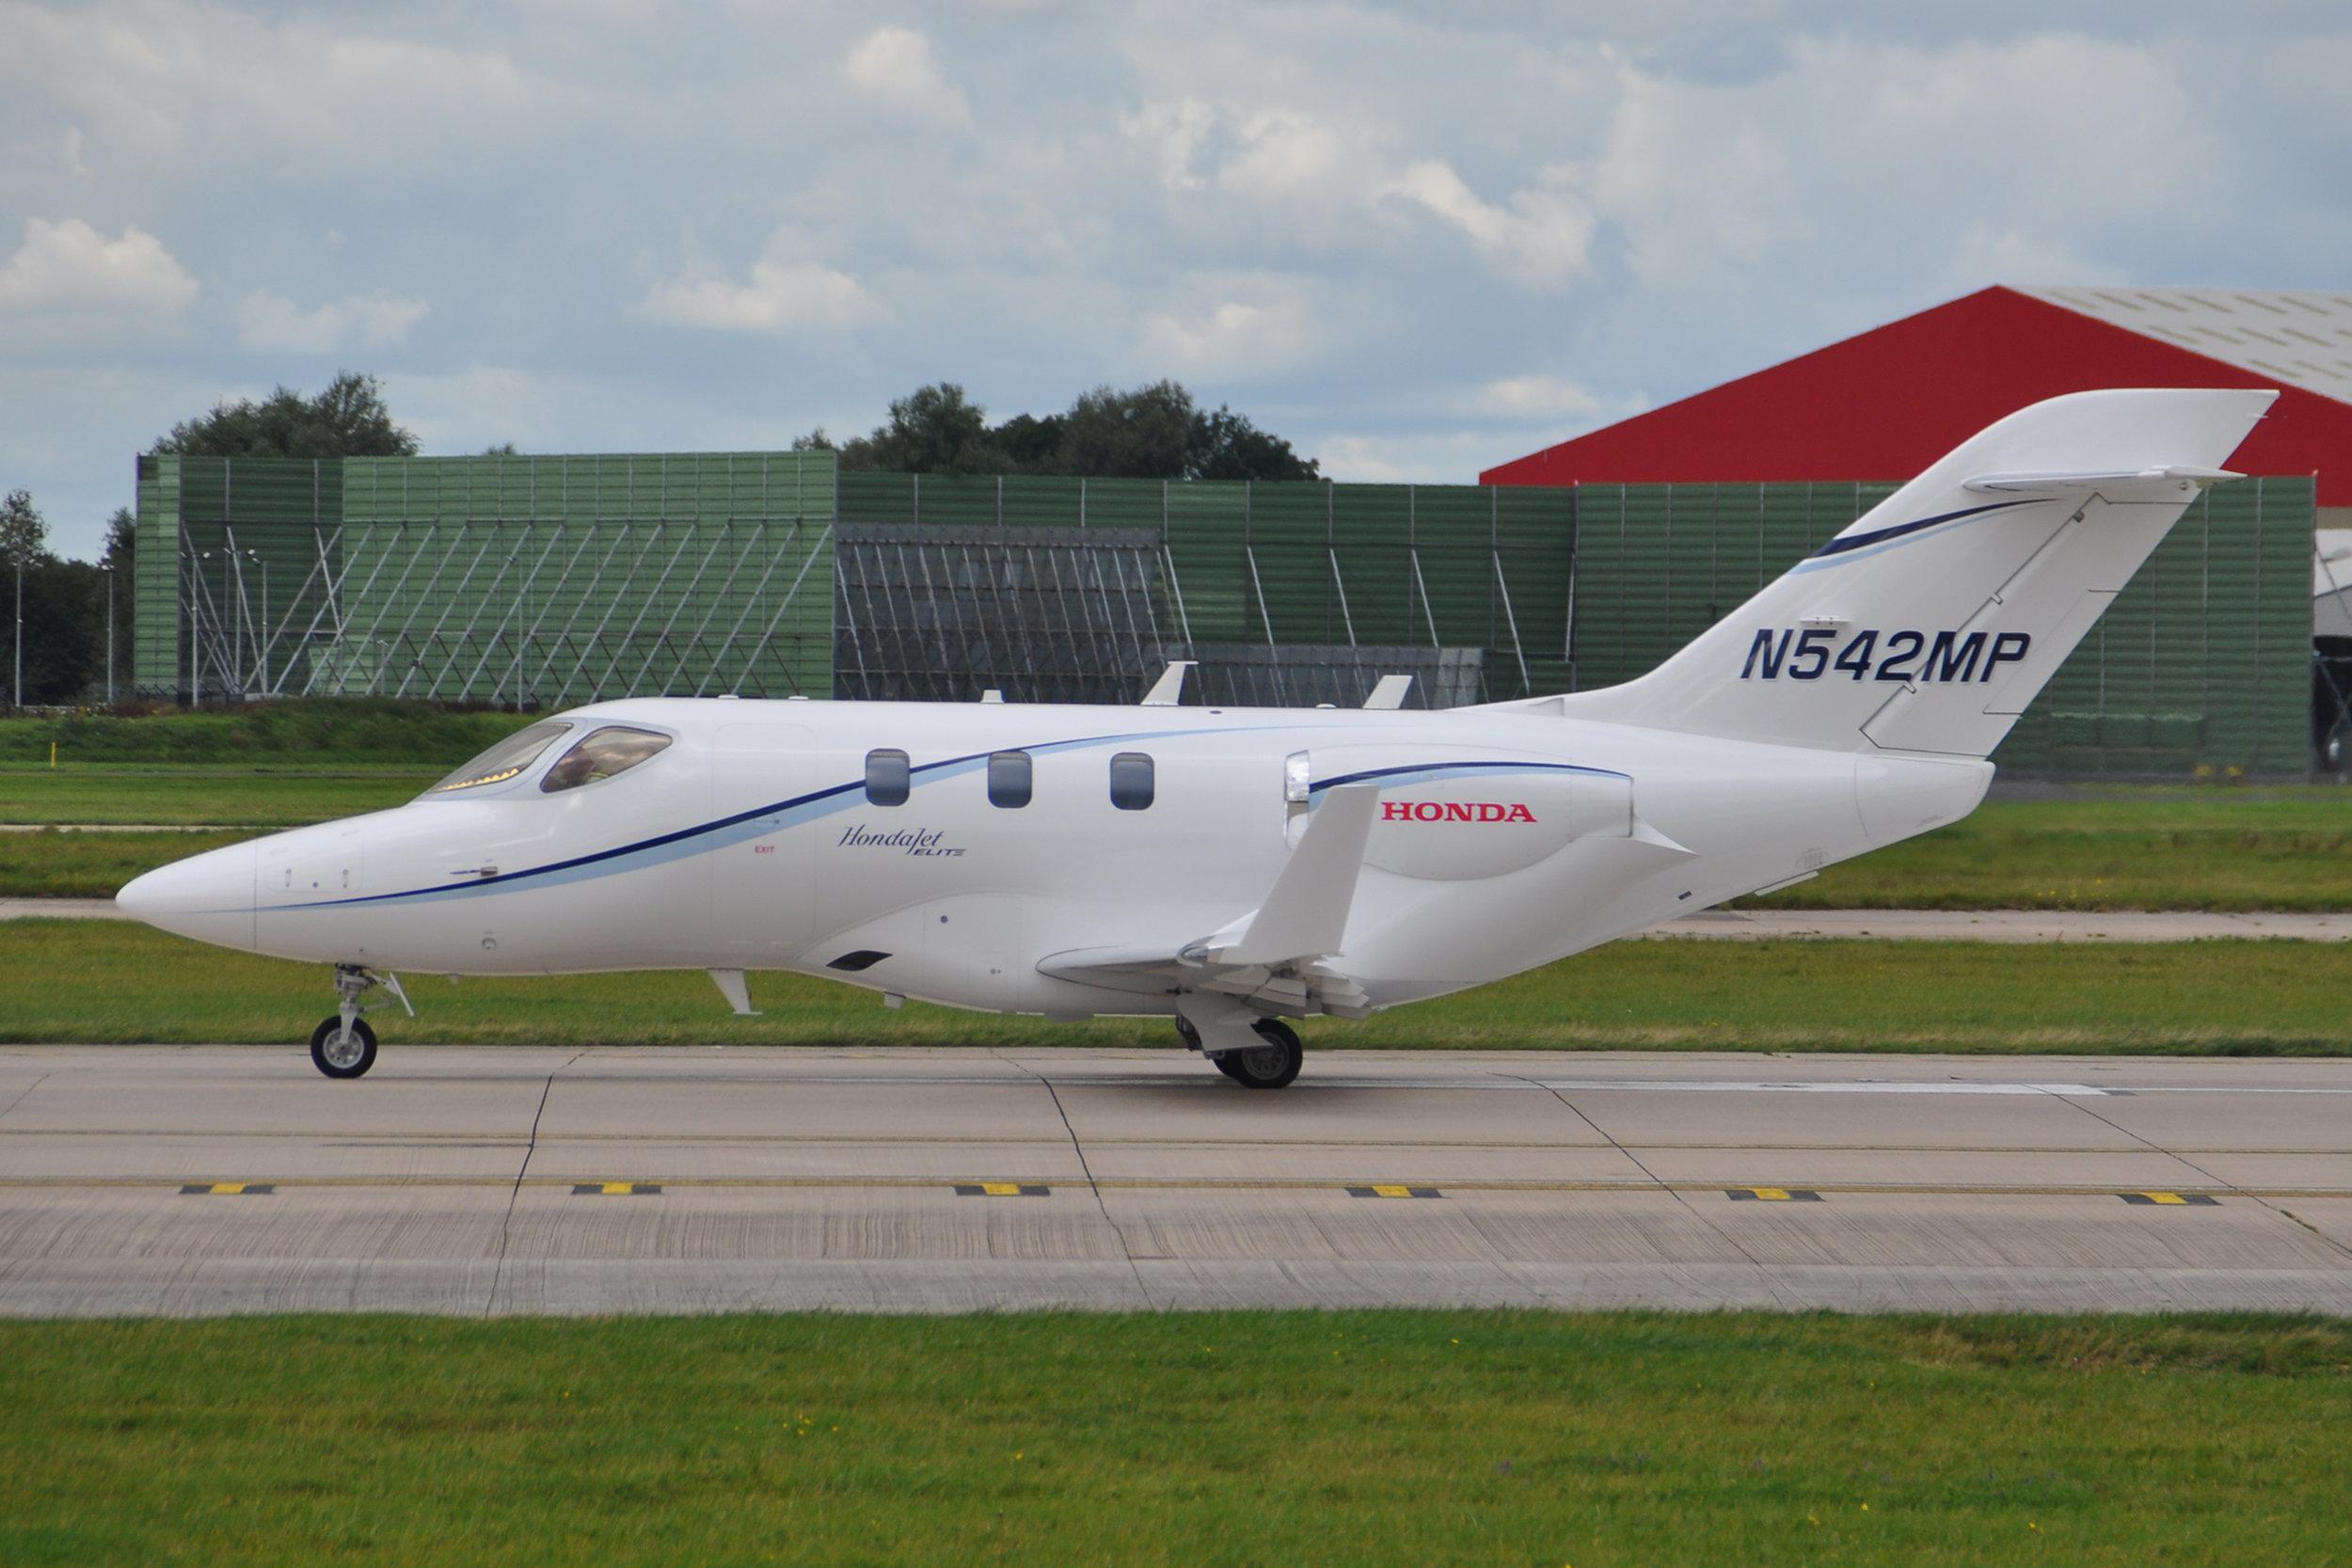 Honda Jet HA420 N524MP is preparing to depart on Runway 23 Left on Saturday 7th September. Photo. Ian Jarman.